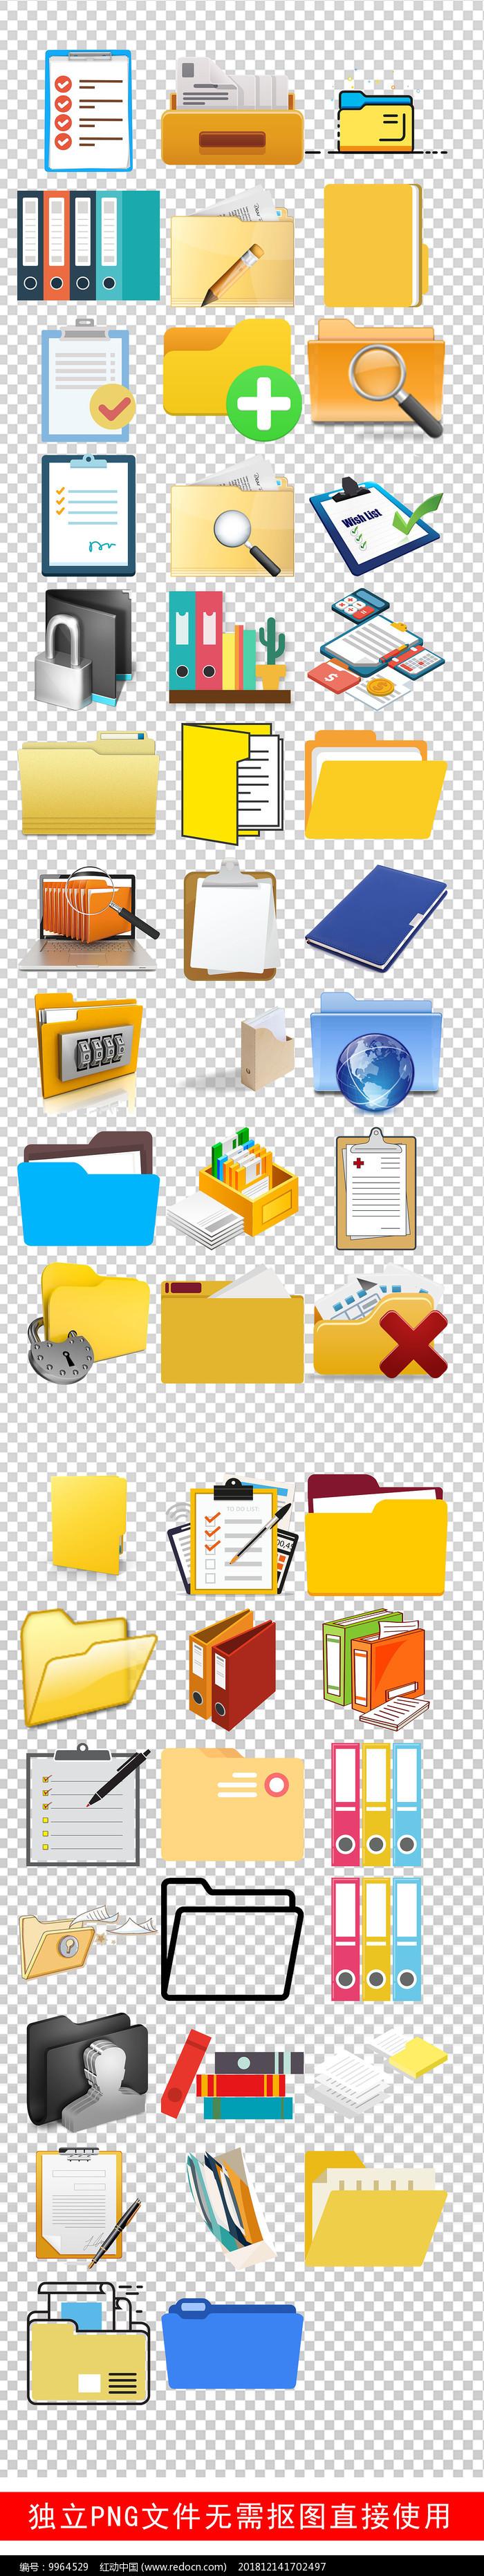 商务办公文档文件夹图标素材图片